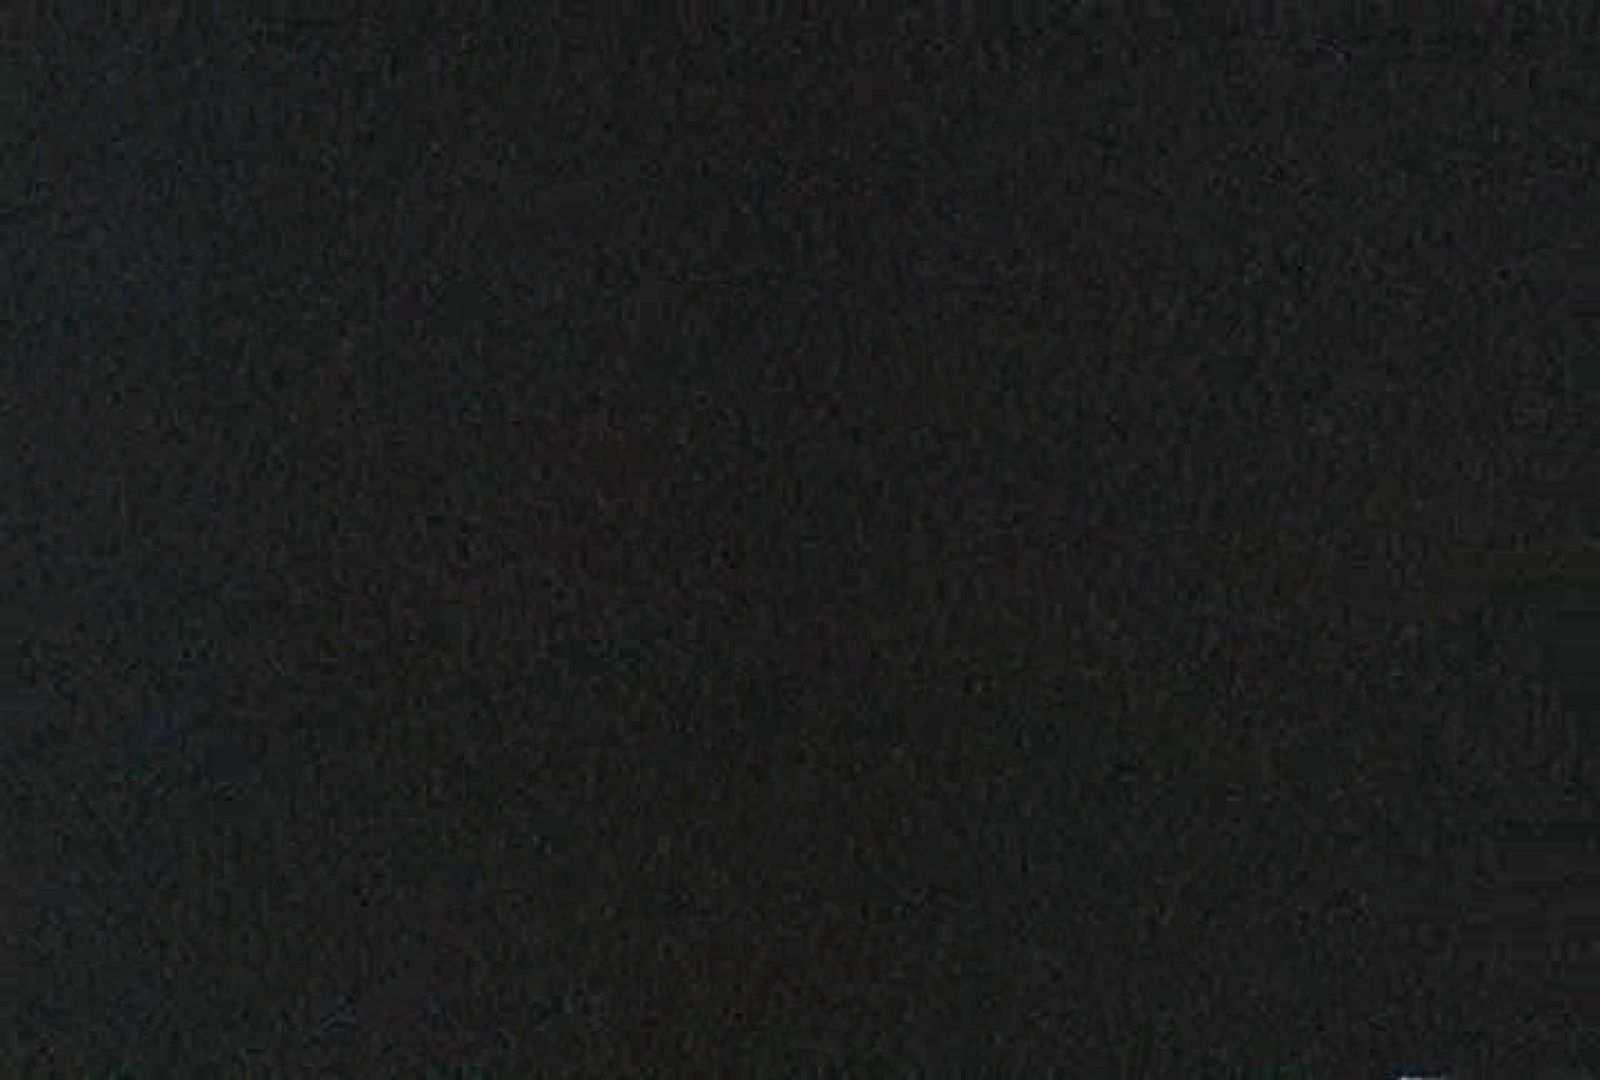 充血監督の深夜の運動会Vol.70 全裸版 | OLセックス  75画像 13